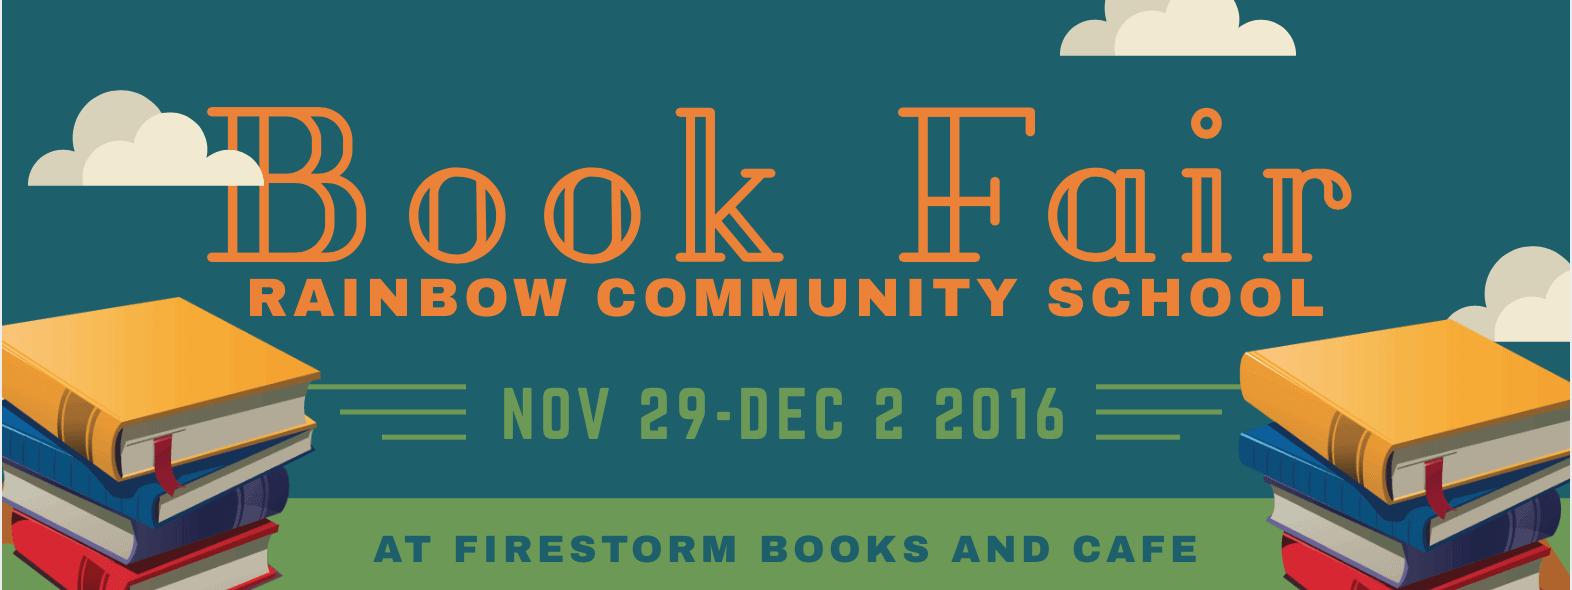 Rainbow Community School Annual Book Fair